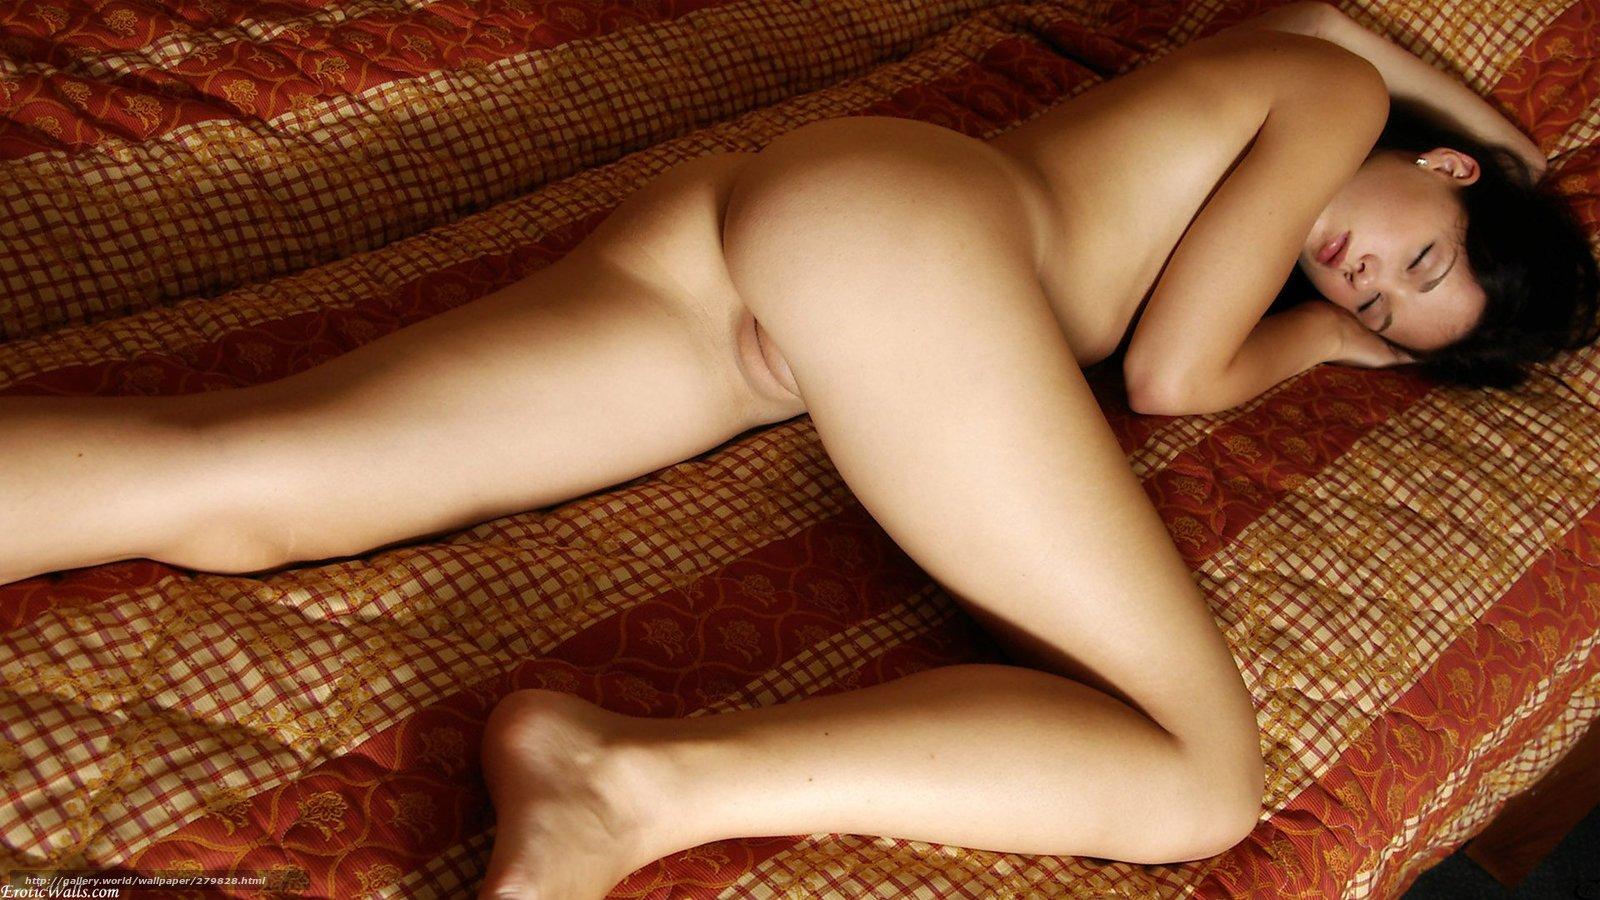 Эротические фото full hd - Фильмы 18+ для самых истинных эстетов порно